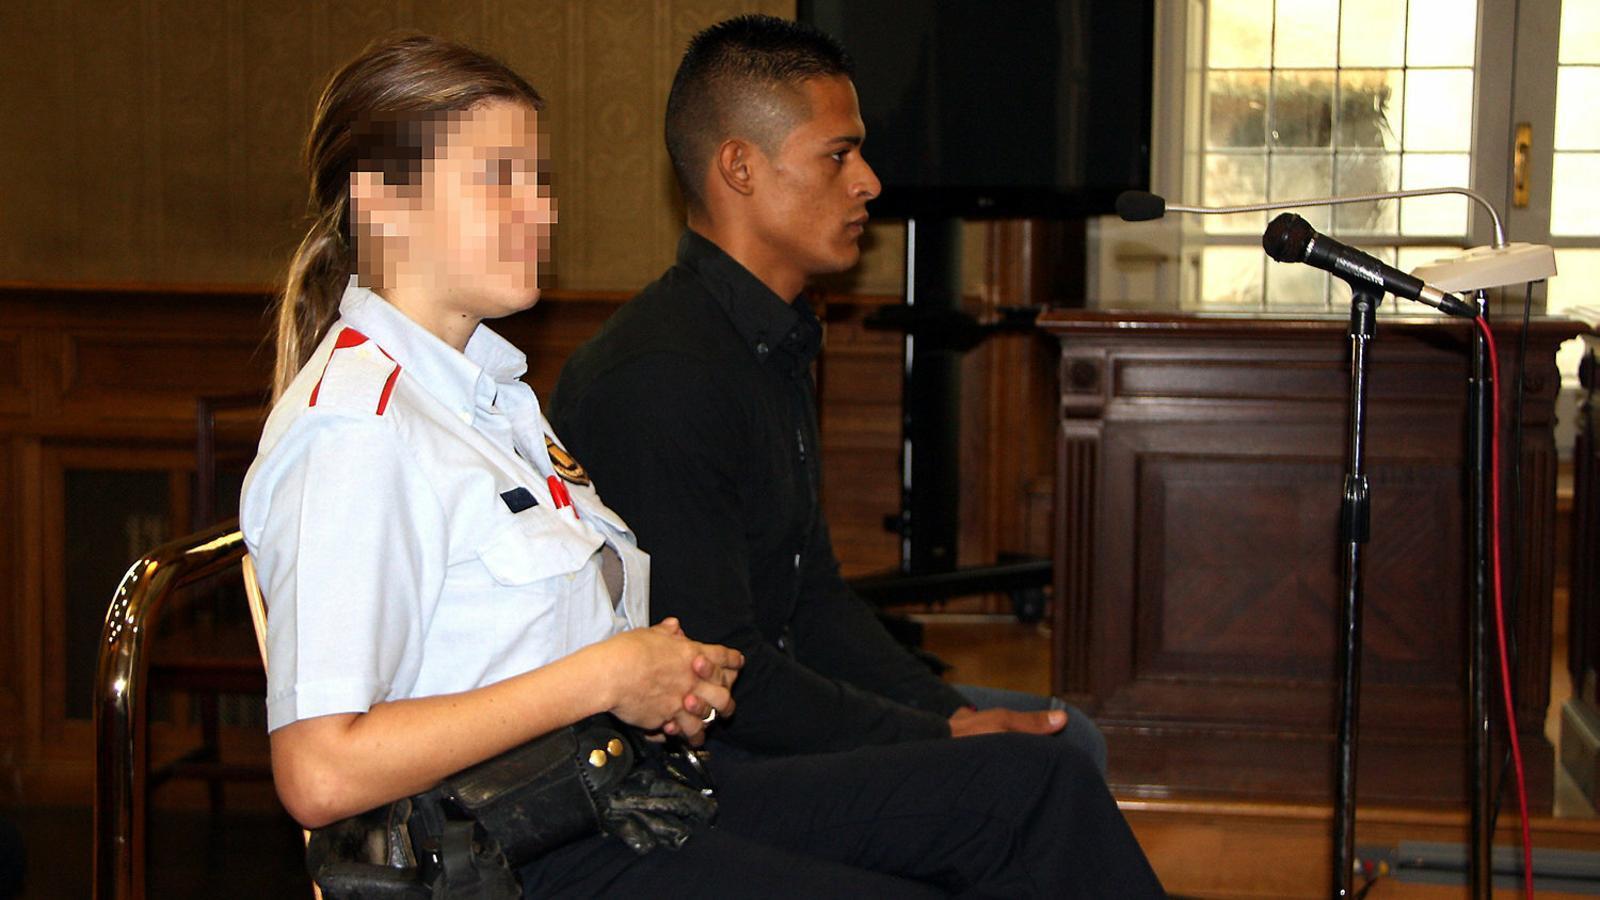 Imatge d'arxiu del violador reincident durant un judici el 2011 a l'Audiència de Girona.